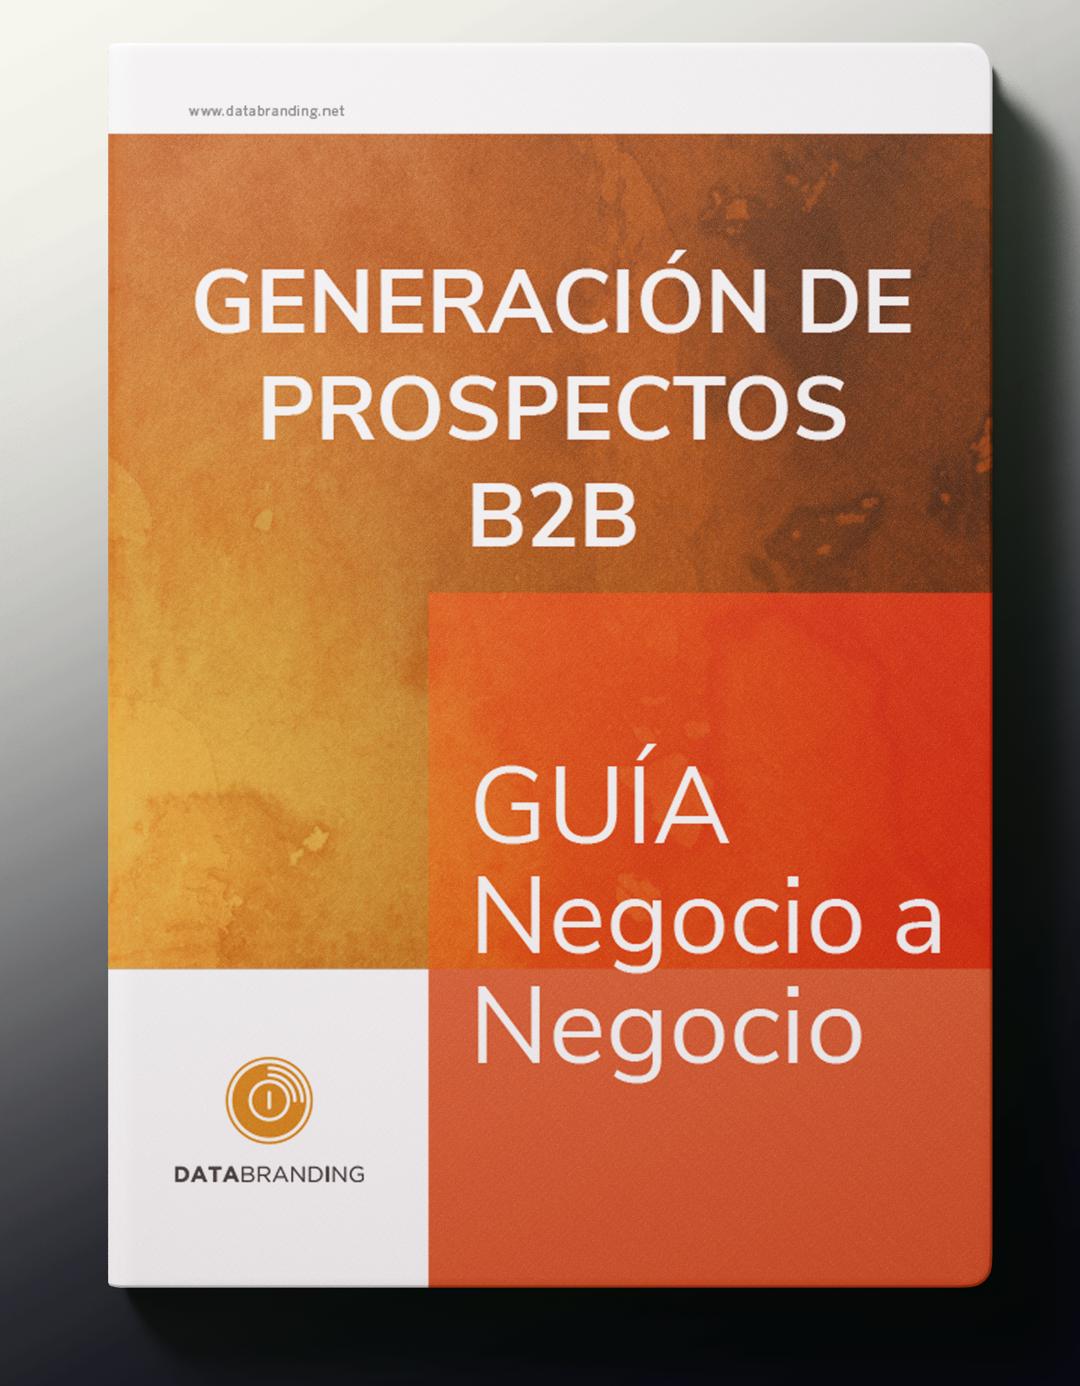 B2B GUÍA DE GENERACIÓN DE PROSPECTOS